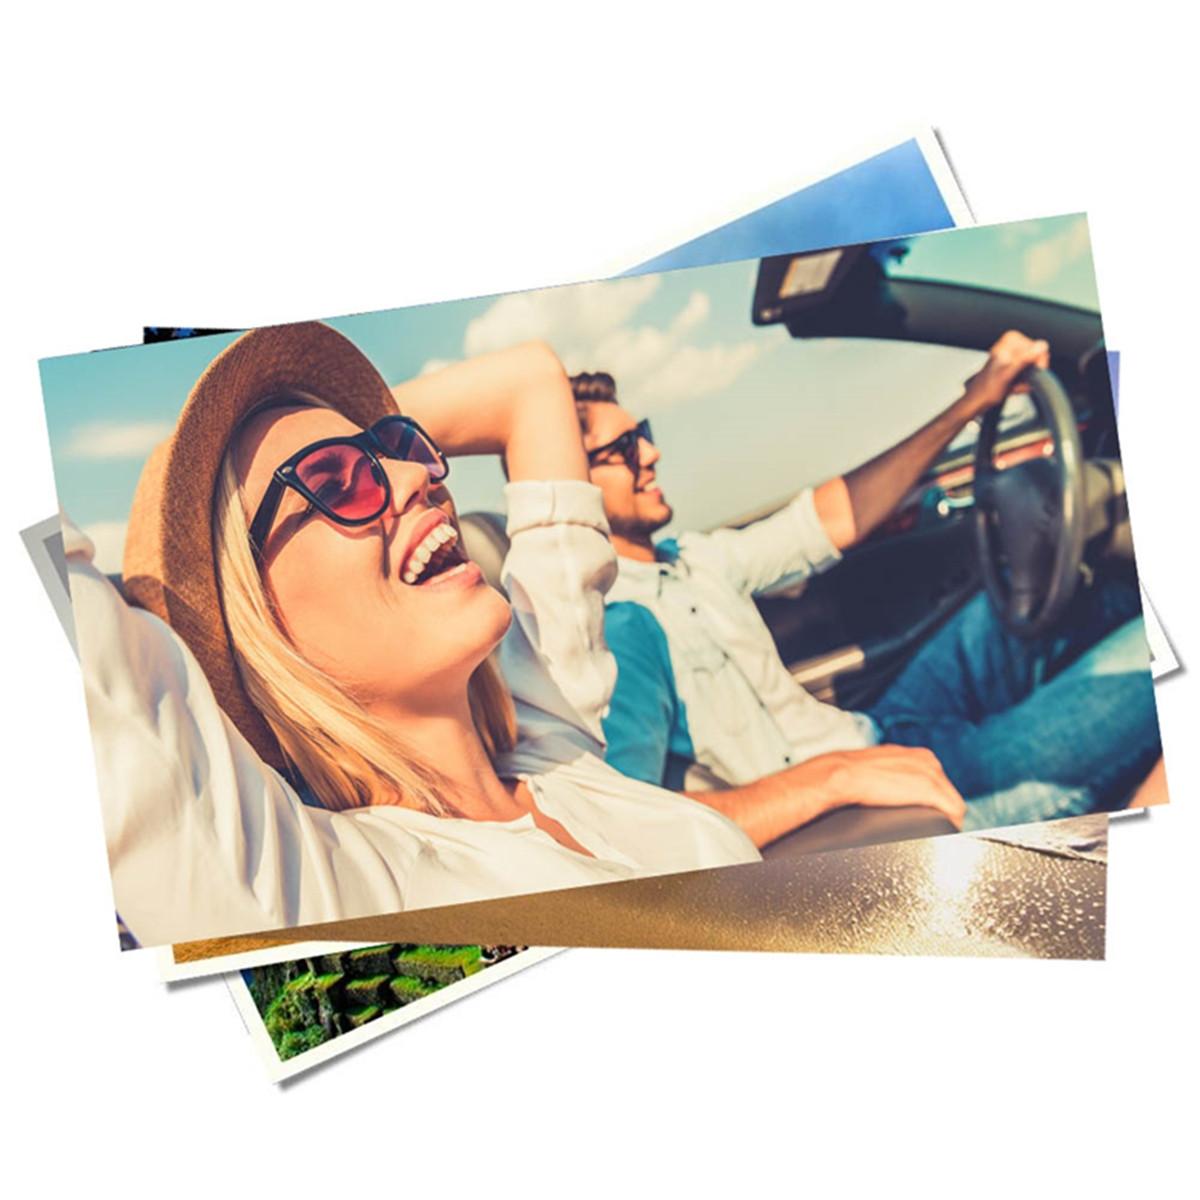 Papel Fotográfico Glossy Brilhante Dupla Face | 180g tamanho A3 | Pacote com 20 folhas